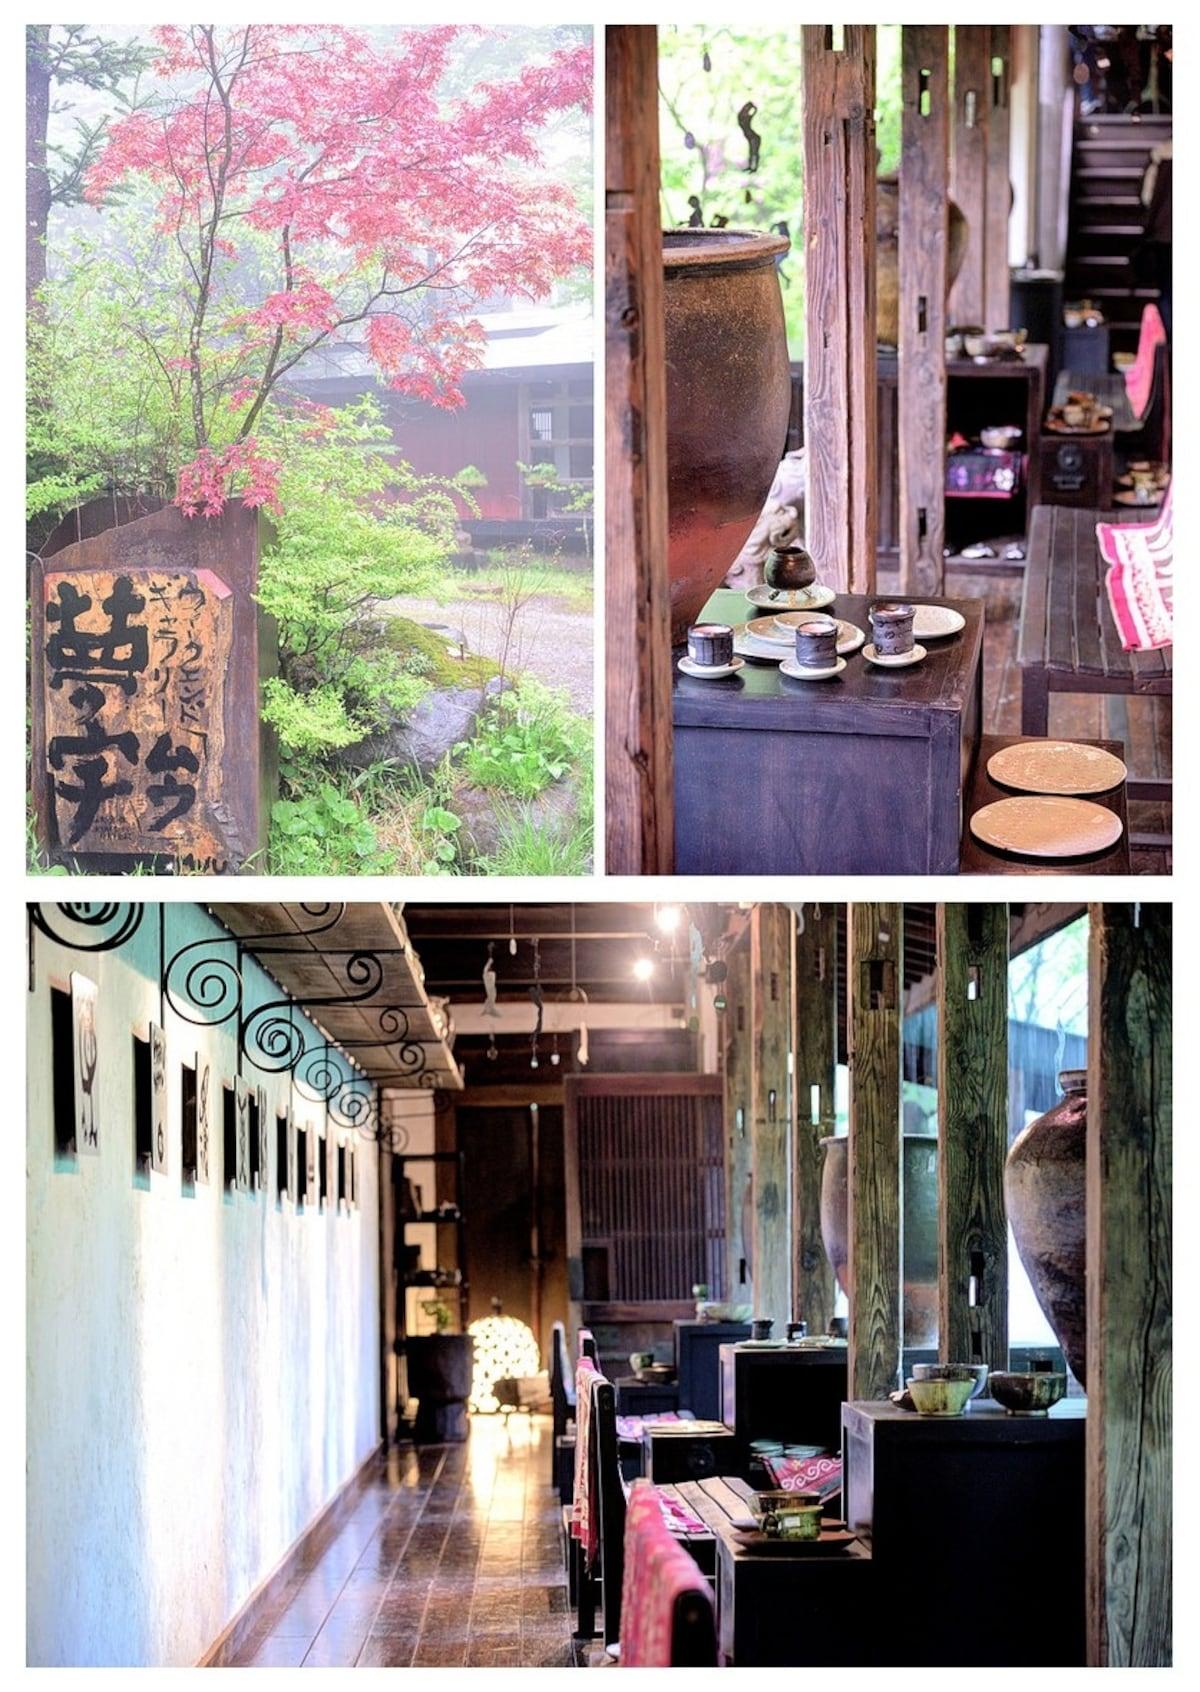 夢宇谷 Gallery MUU